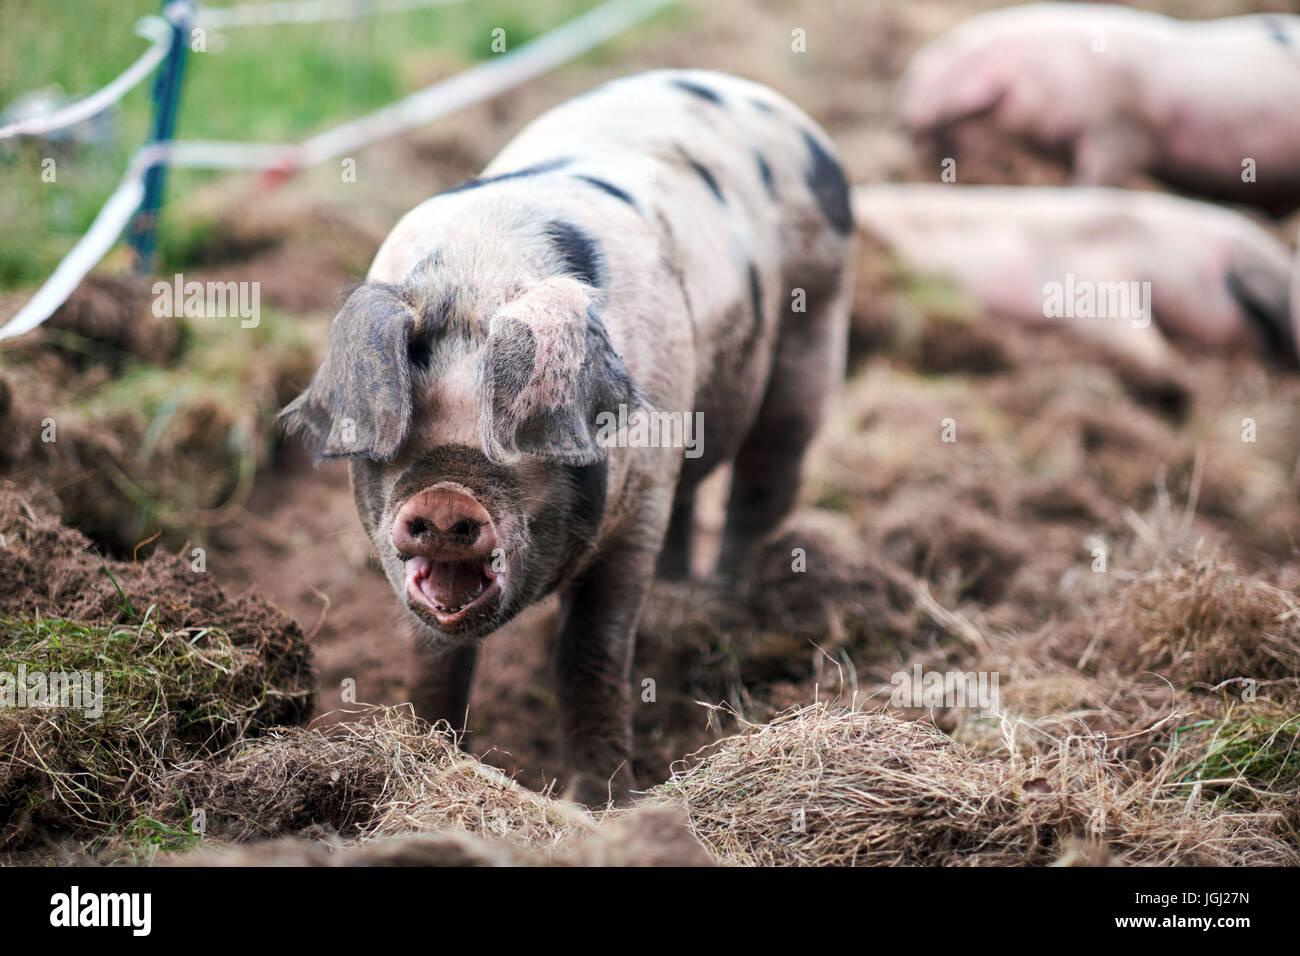 Porcinet (Sus scrofa domestica) dans une ferme biologique Photo Stock